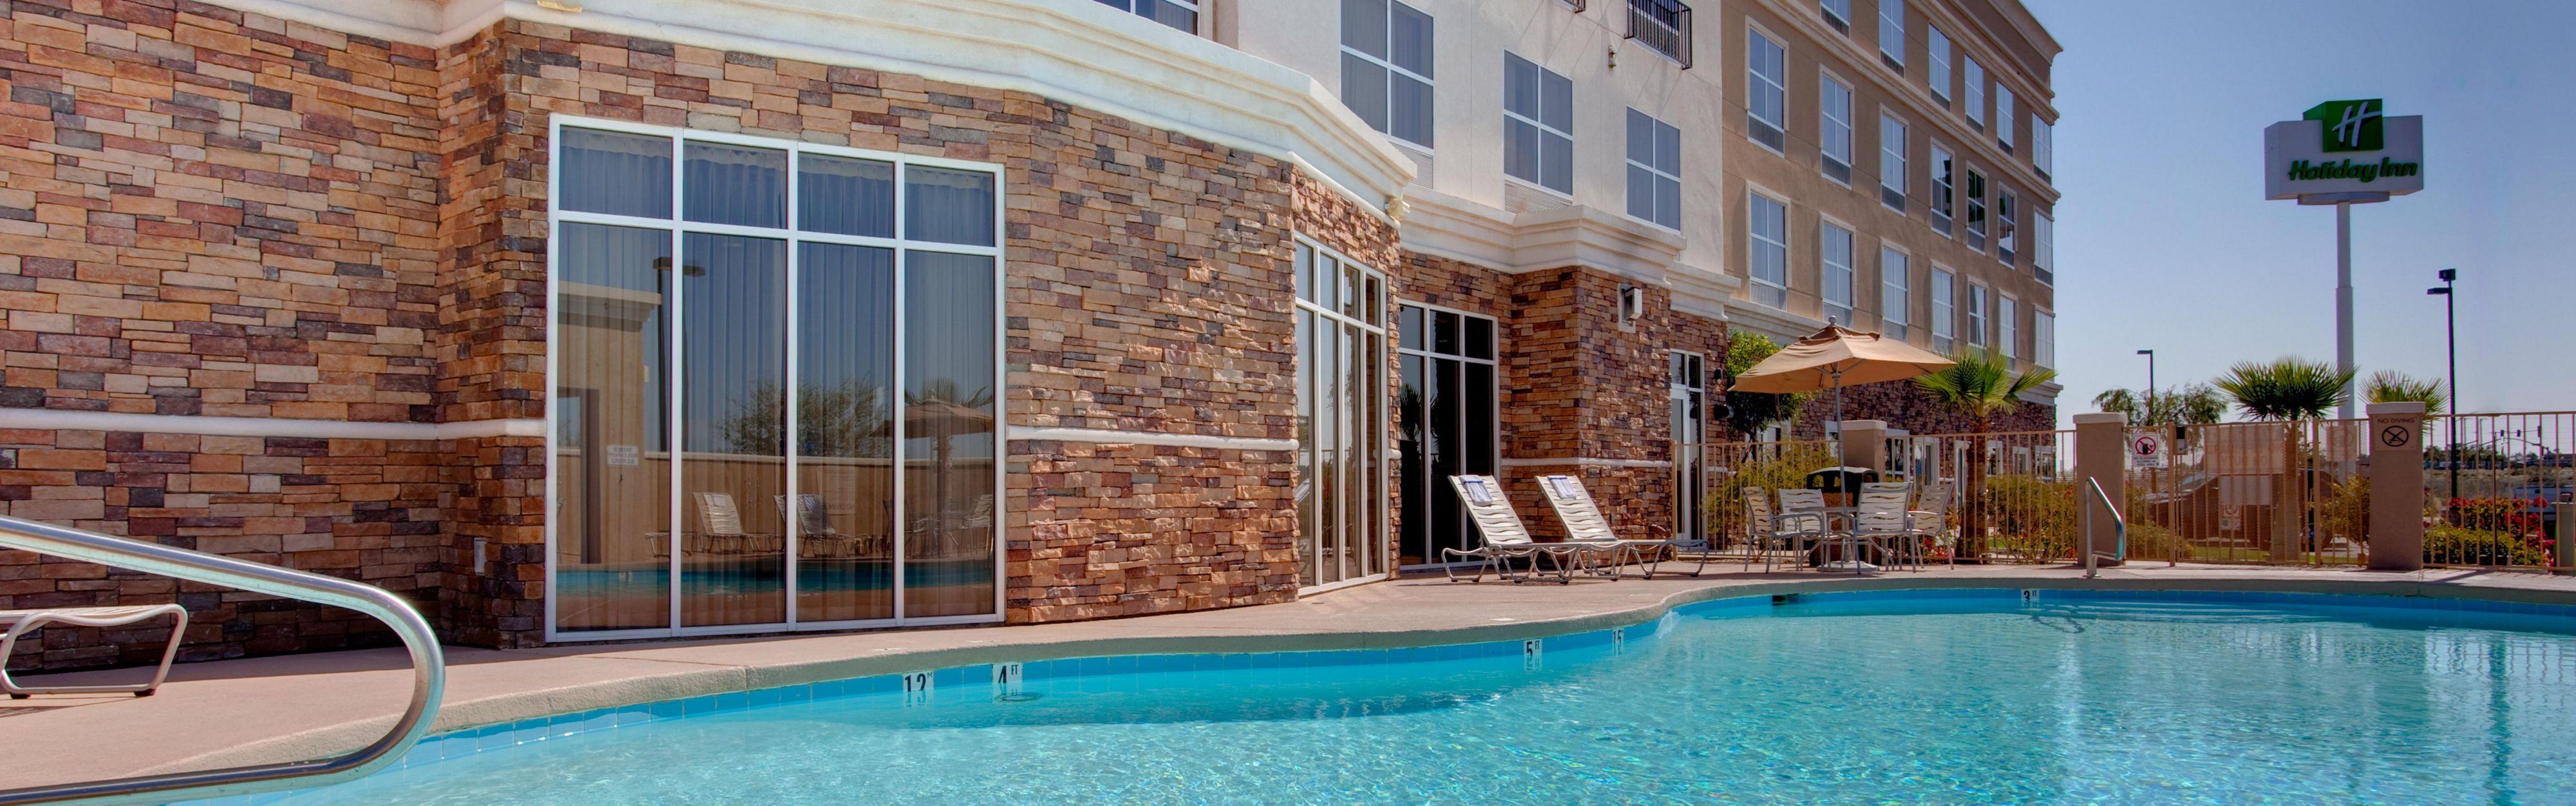 Holiday Inn Yuma image 1